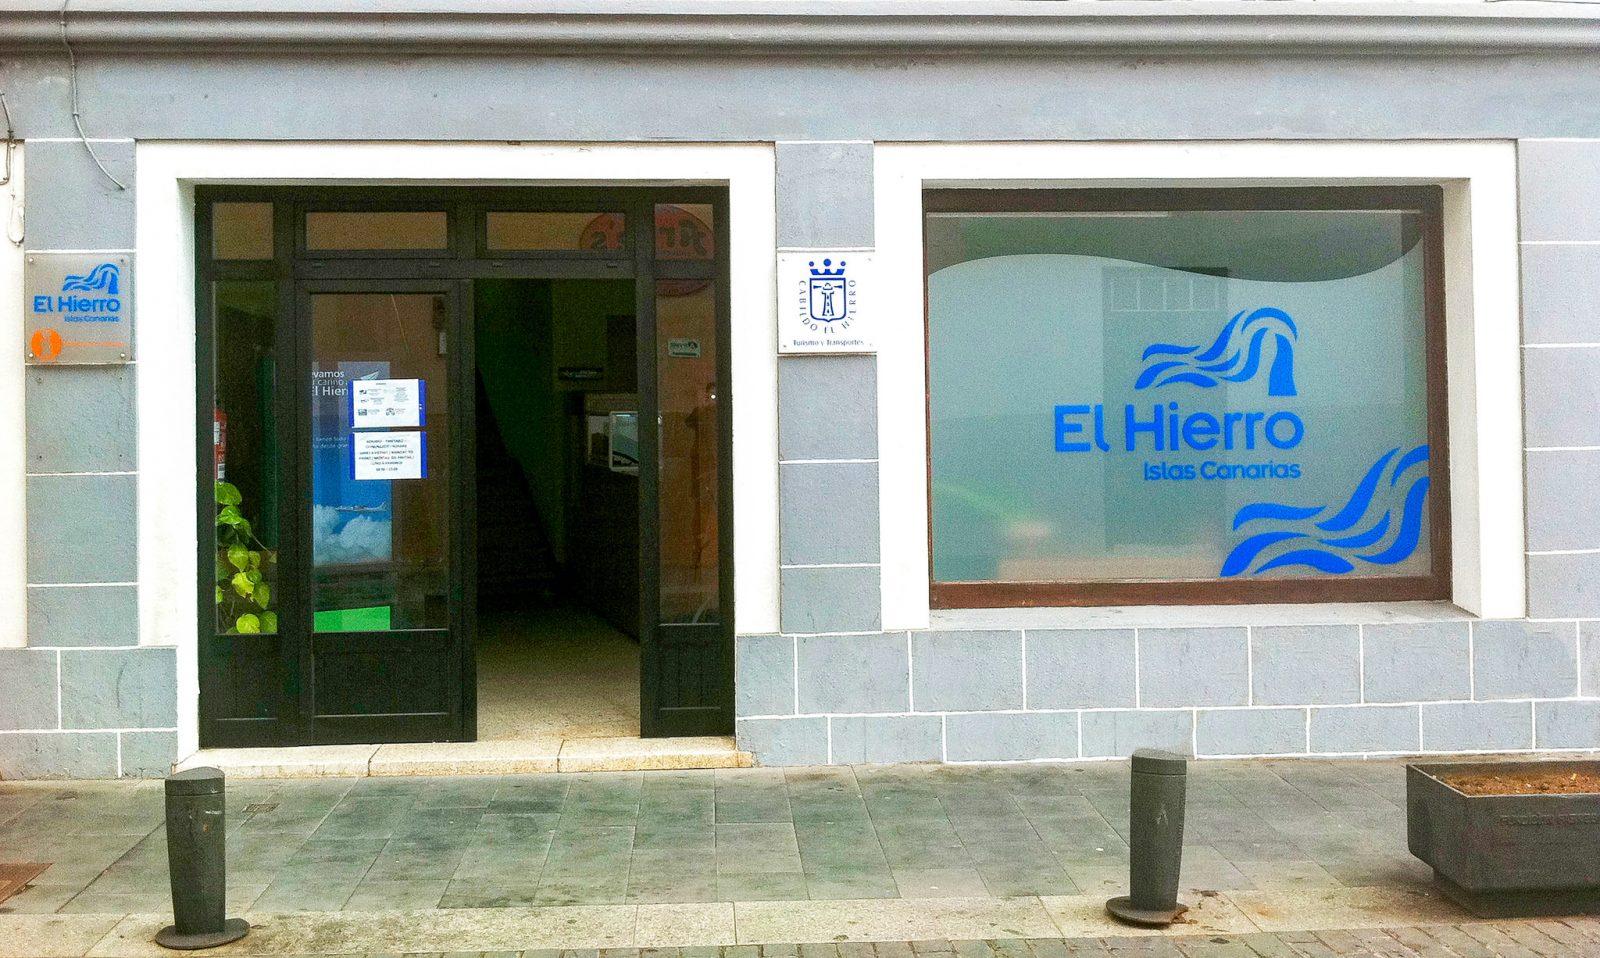 Туристический офис в Вальверде (фото: ElHierroTurismo)